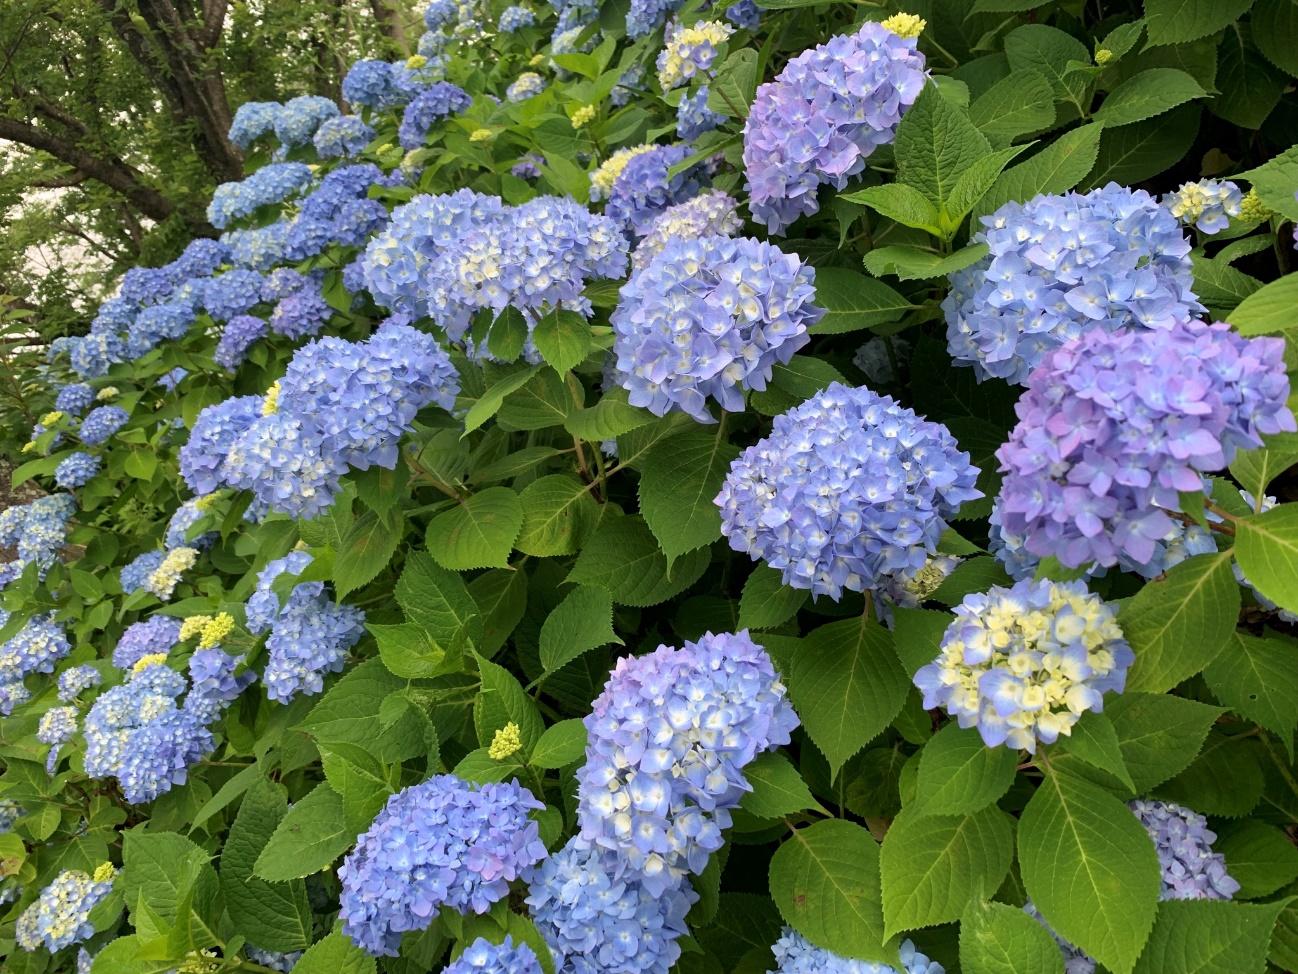 河口湖ハーブフェスティバルの紫陽花